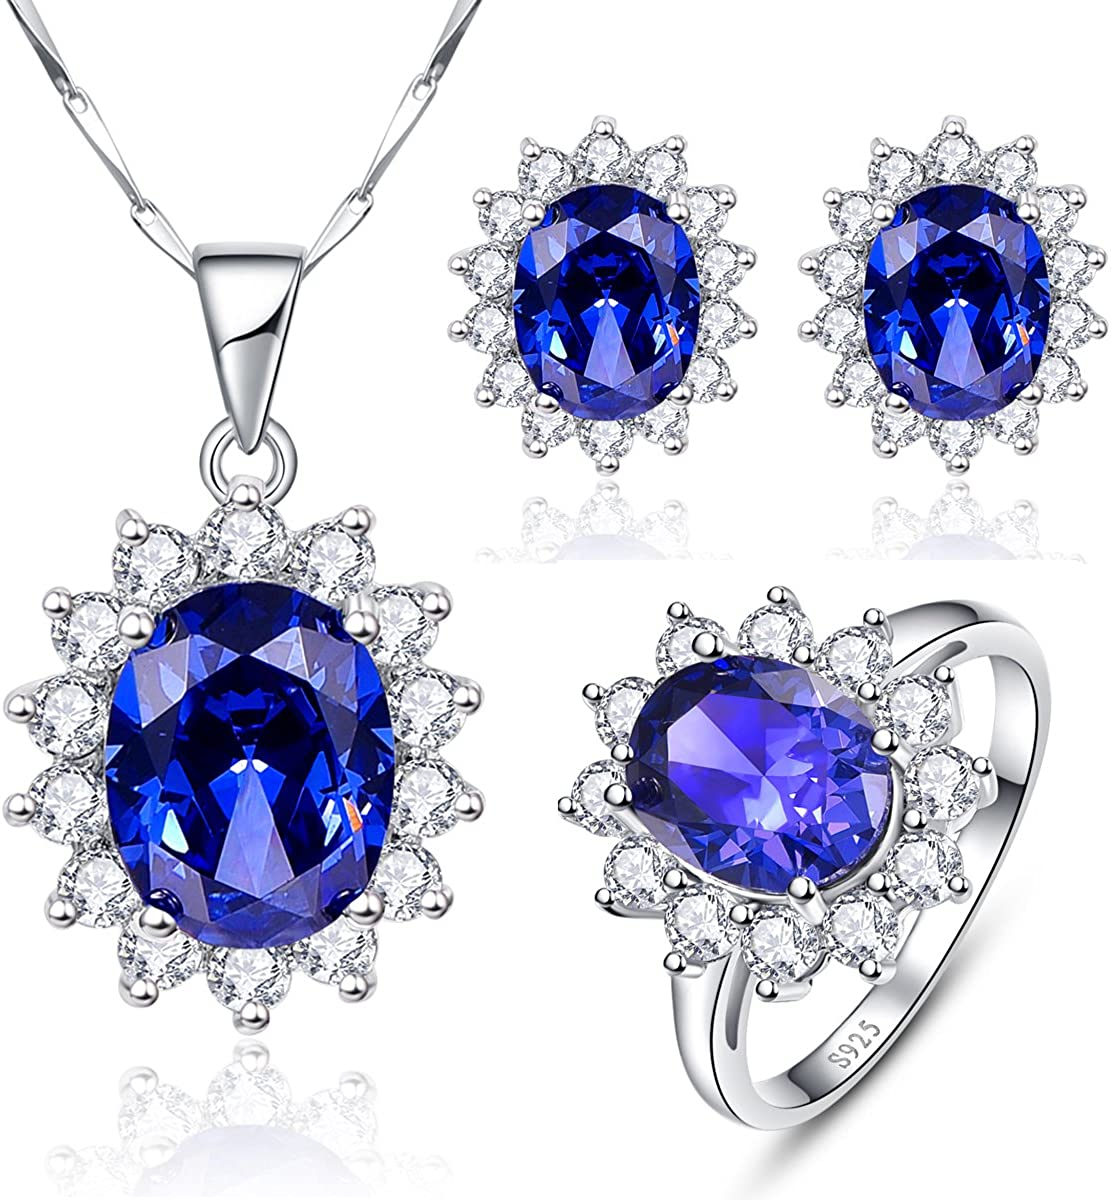 Halo Tanzanite Cz Stud 925 Sterling Silver Earrings Jewelry Accessories Key Chain Bracelet Necklace Pendants